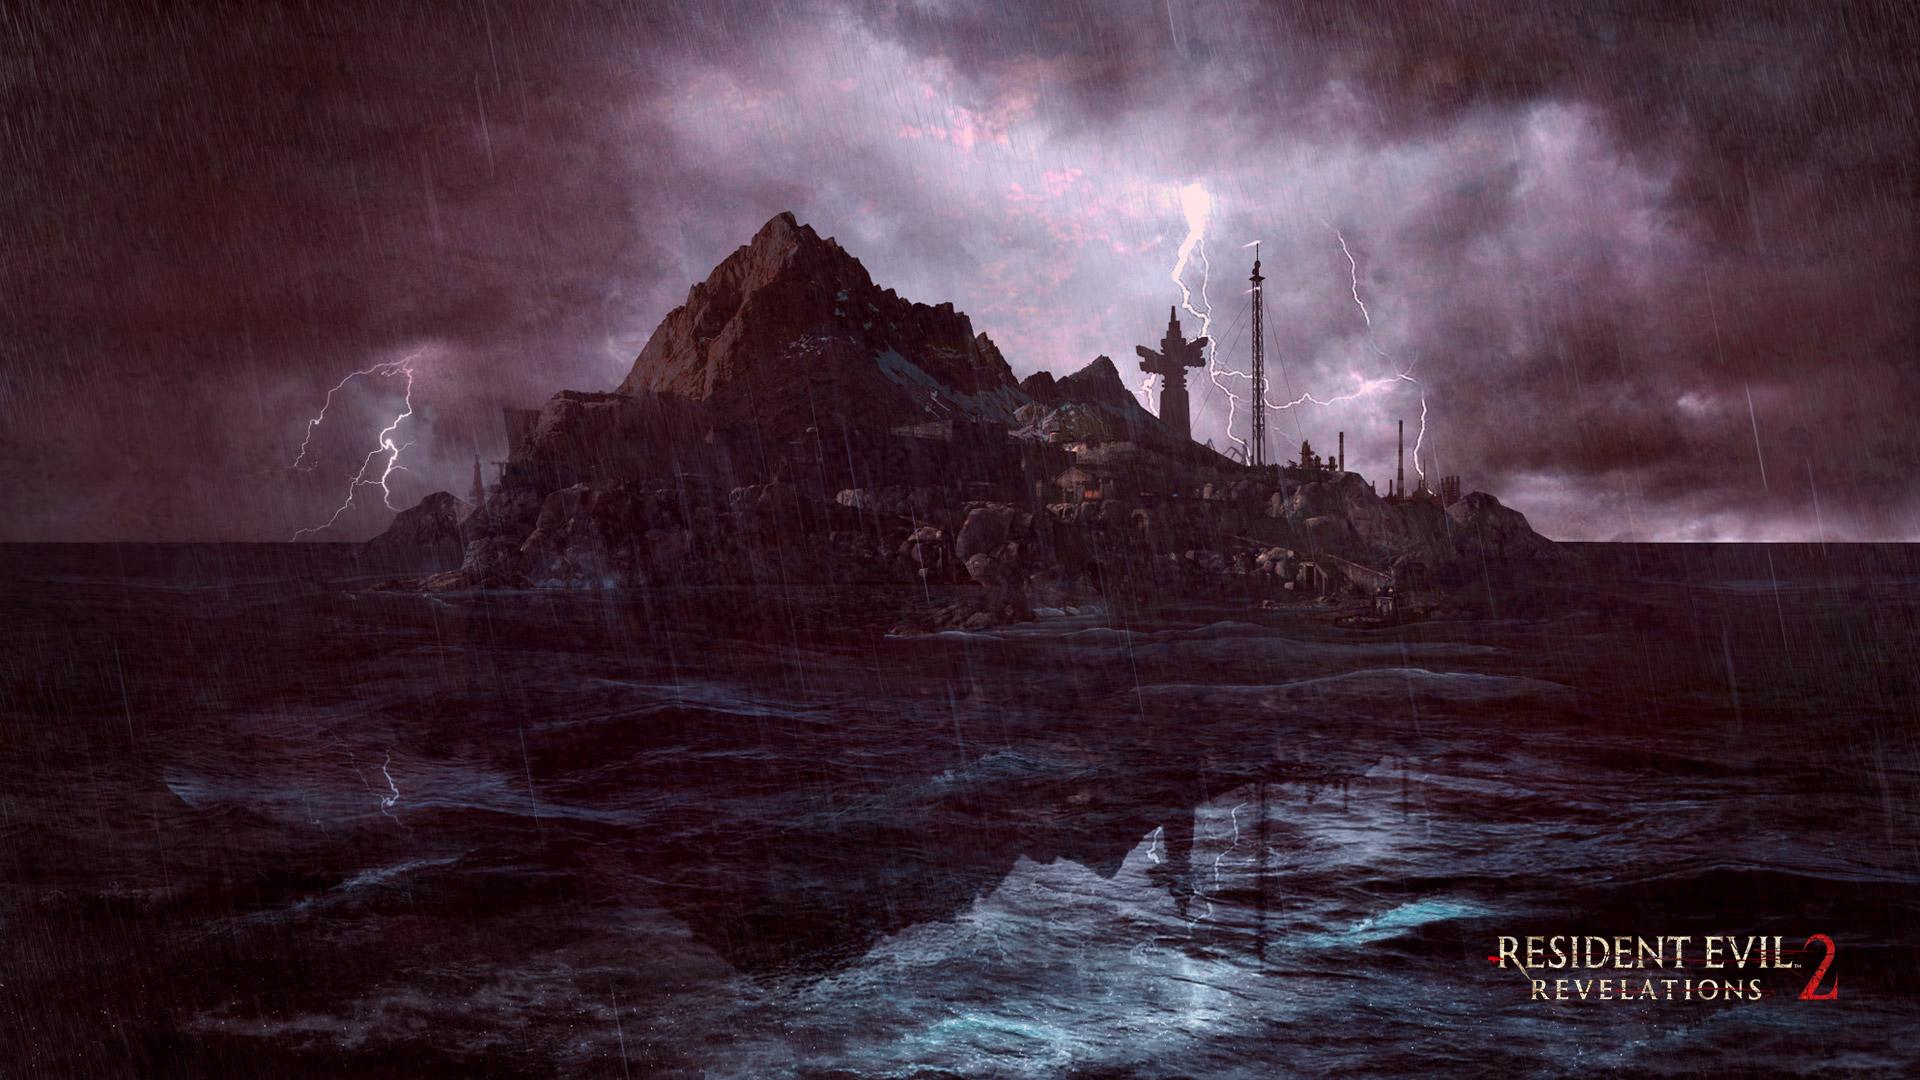 Resident Evil Revelations 2 wallpaper 2